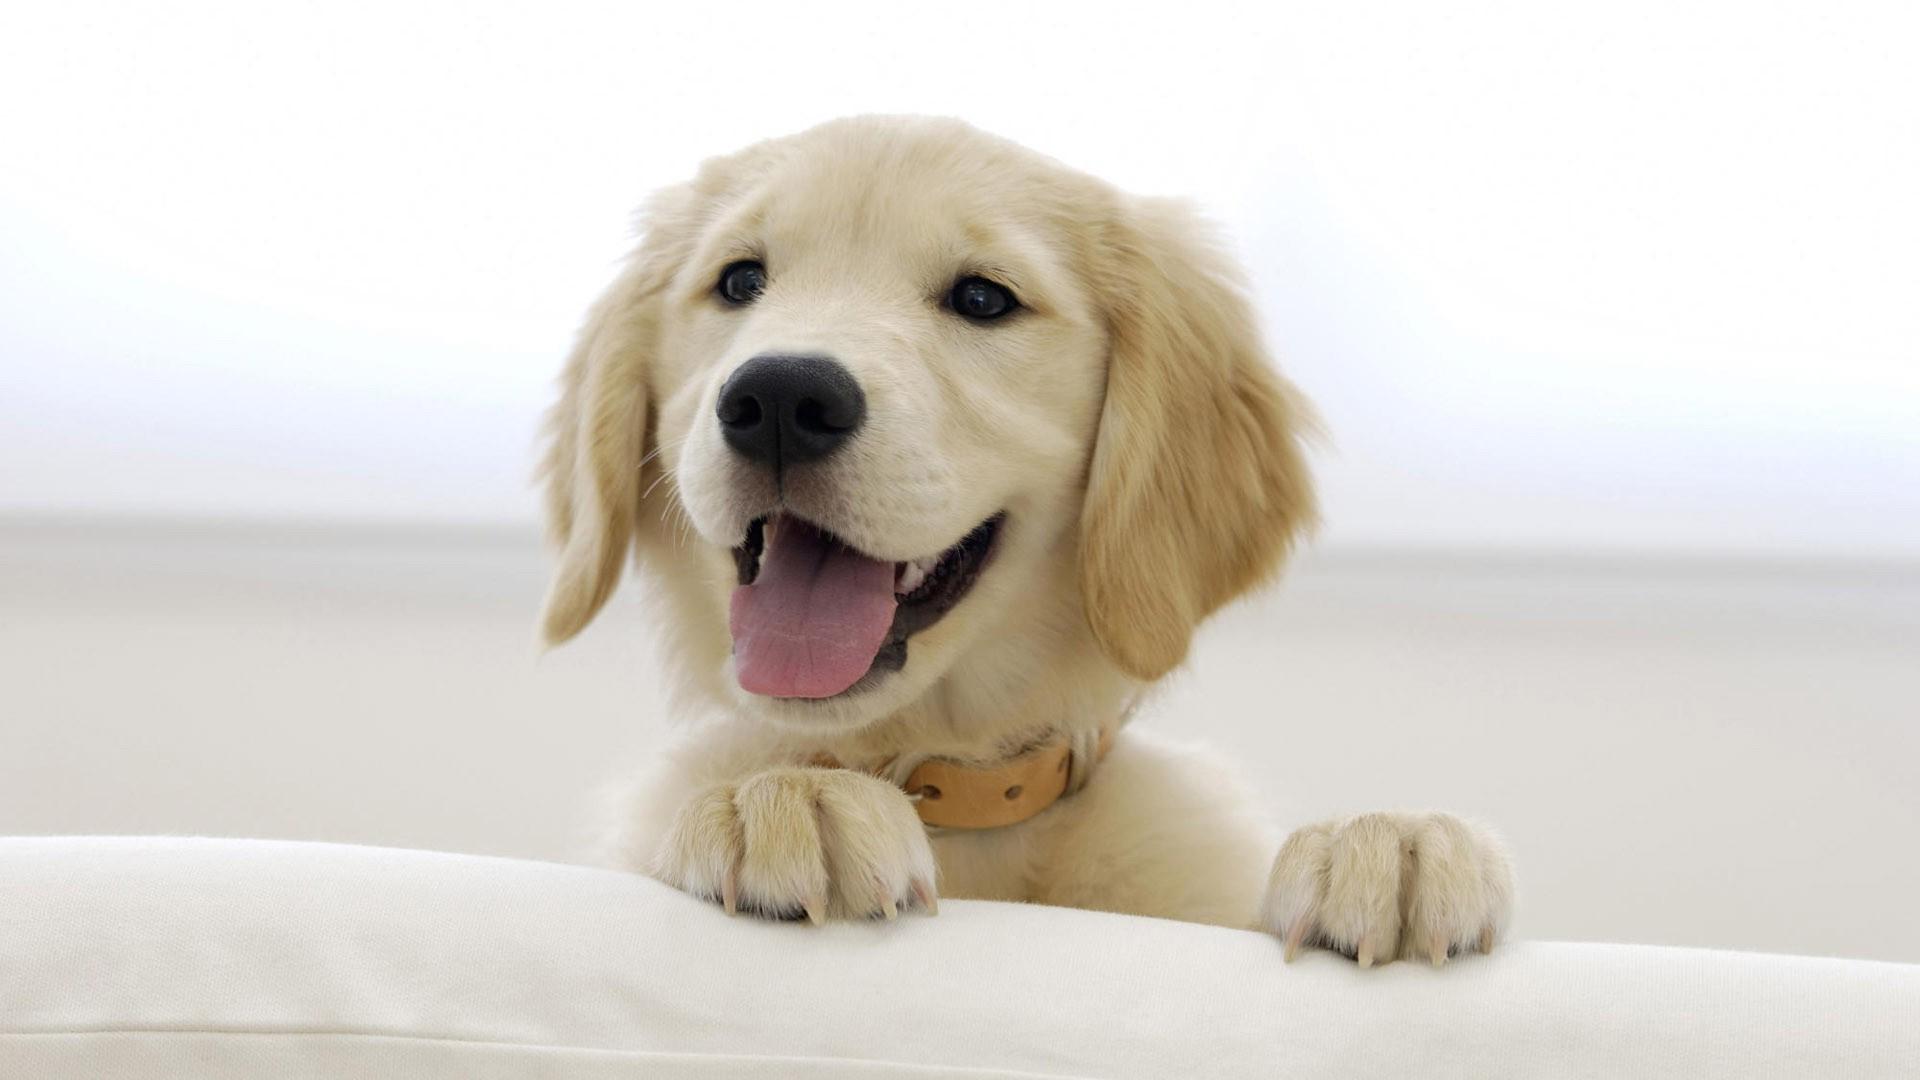 1920x1080 px - Colorazione immagine di un cane ...